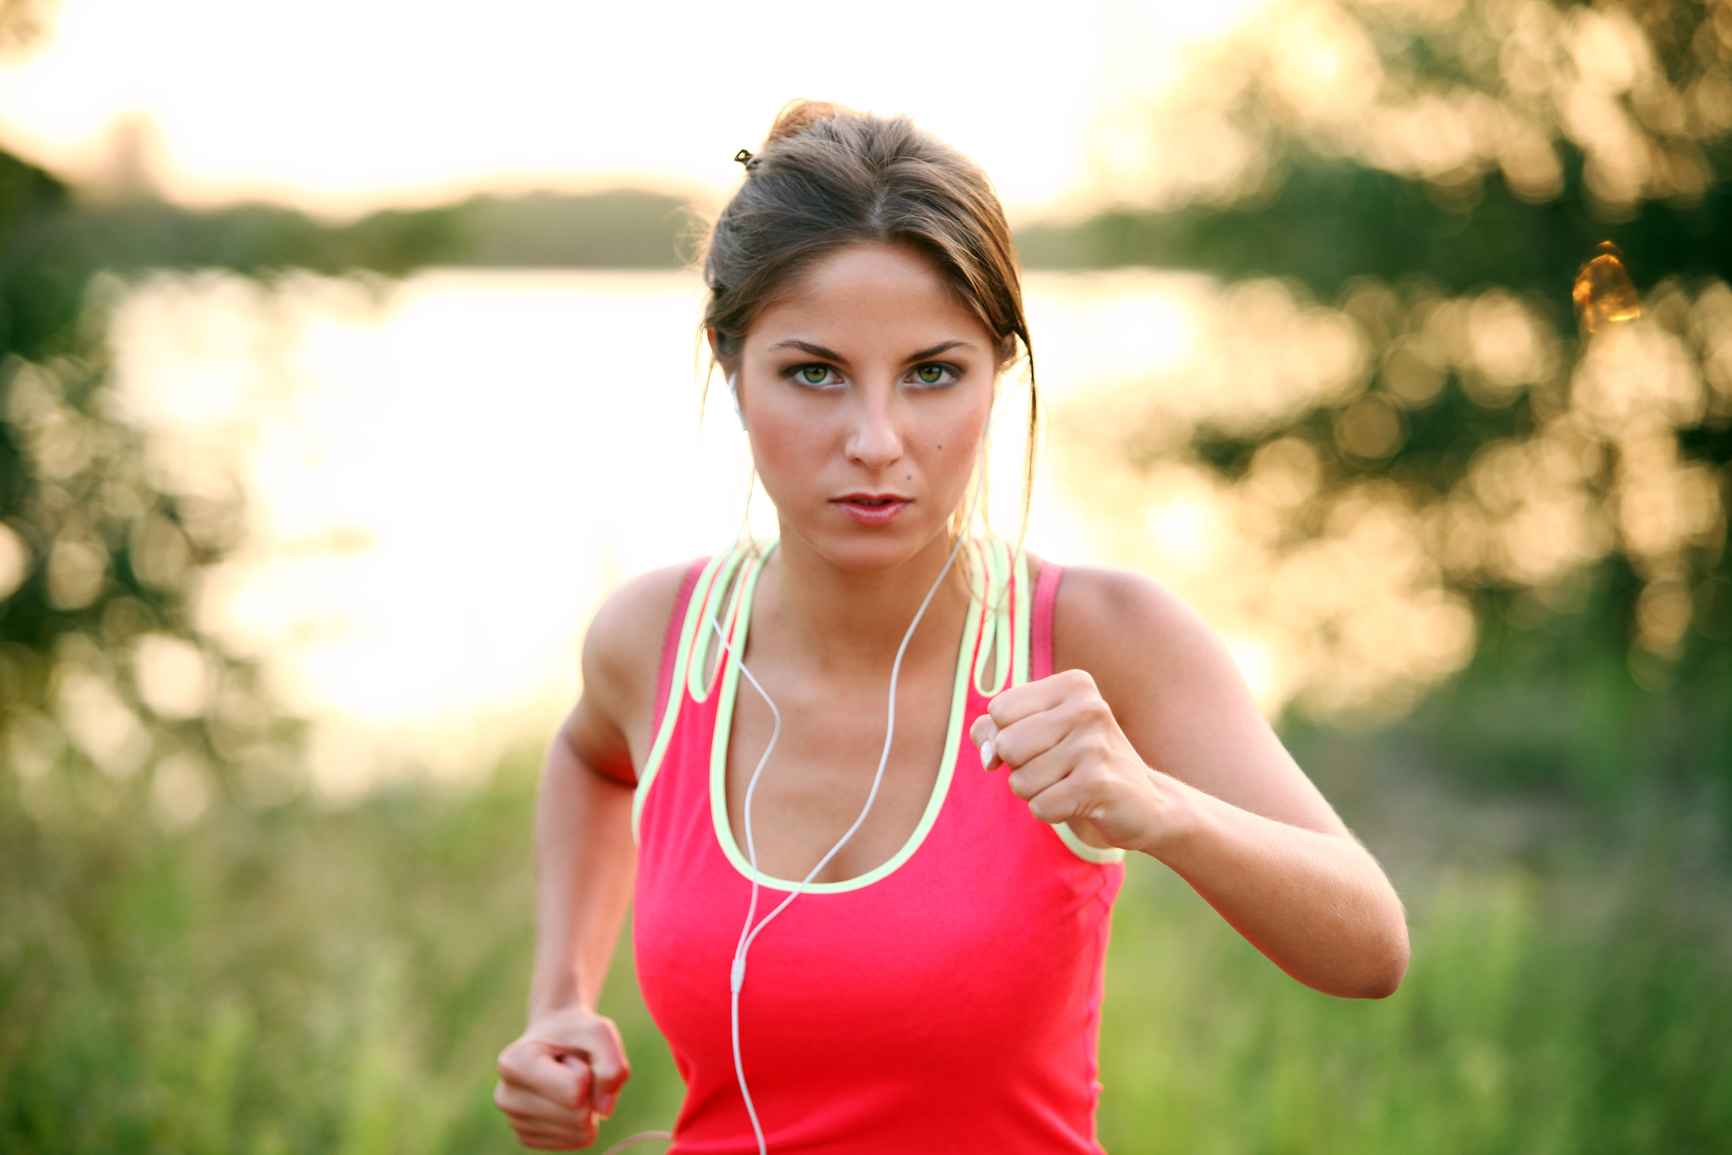 Migliora la tua corsa ascoltando la musica preferita con le migliori cuffie da Running